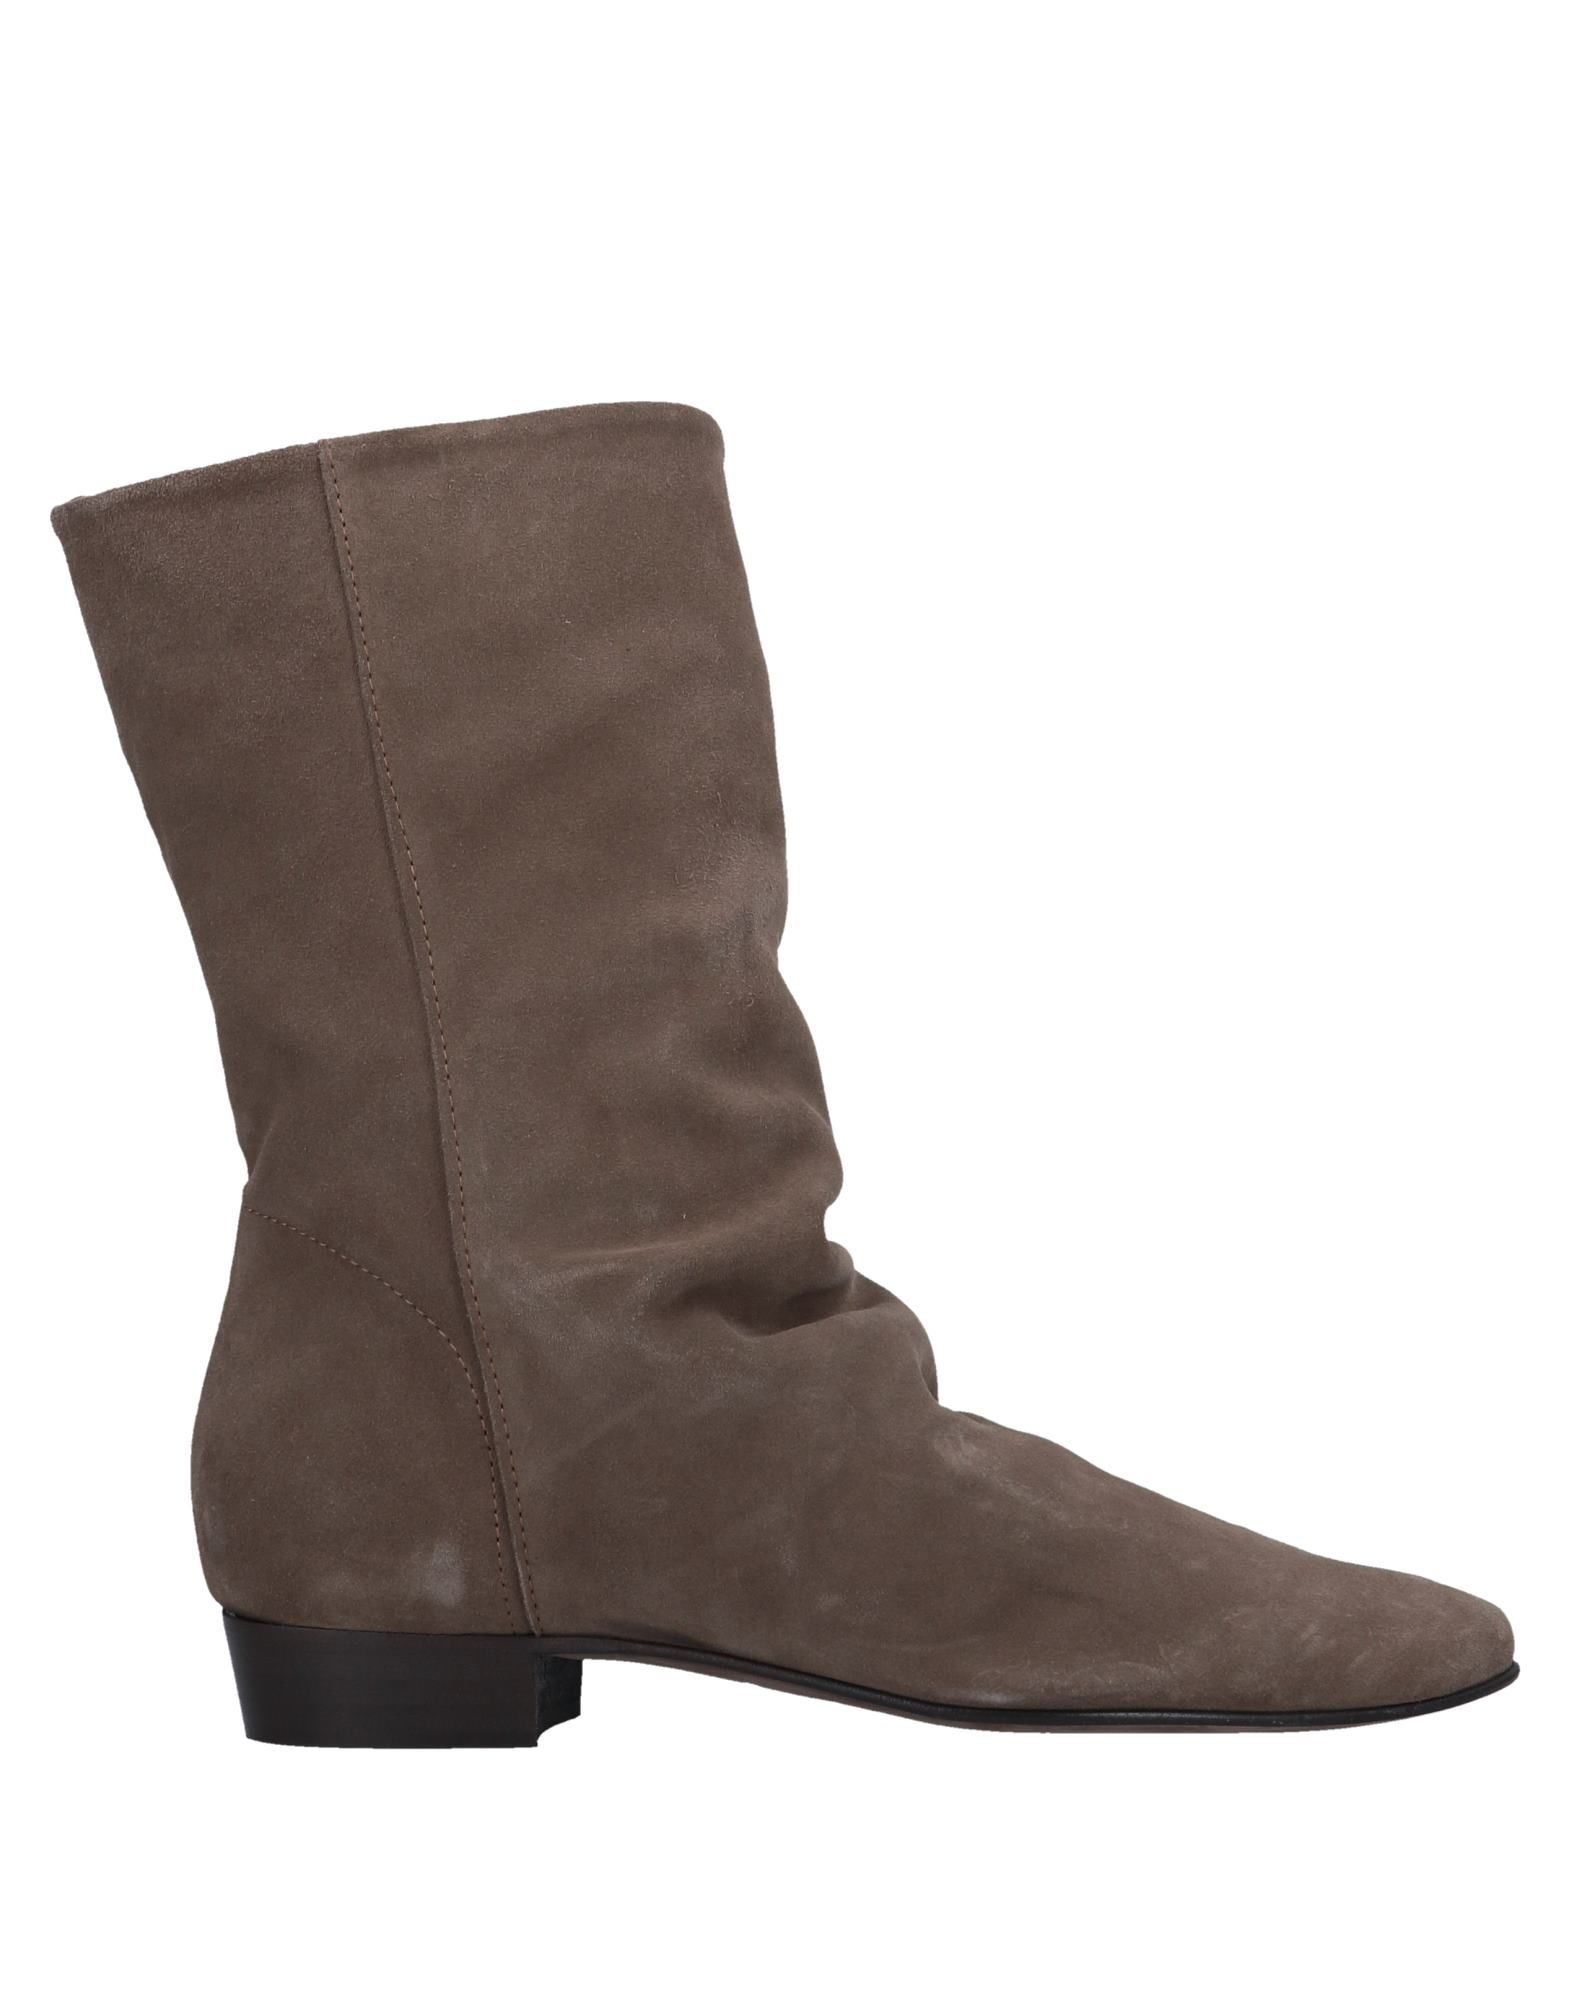 Yijie Stiefelette Damen  11560930MFGut aussehende strapazierfähige Schuhe